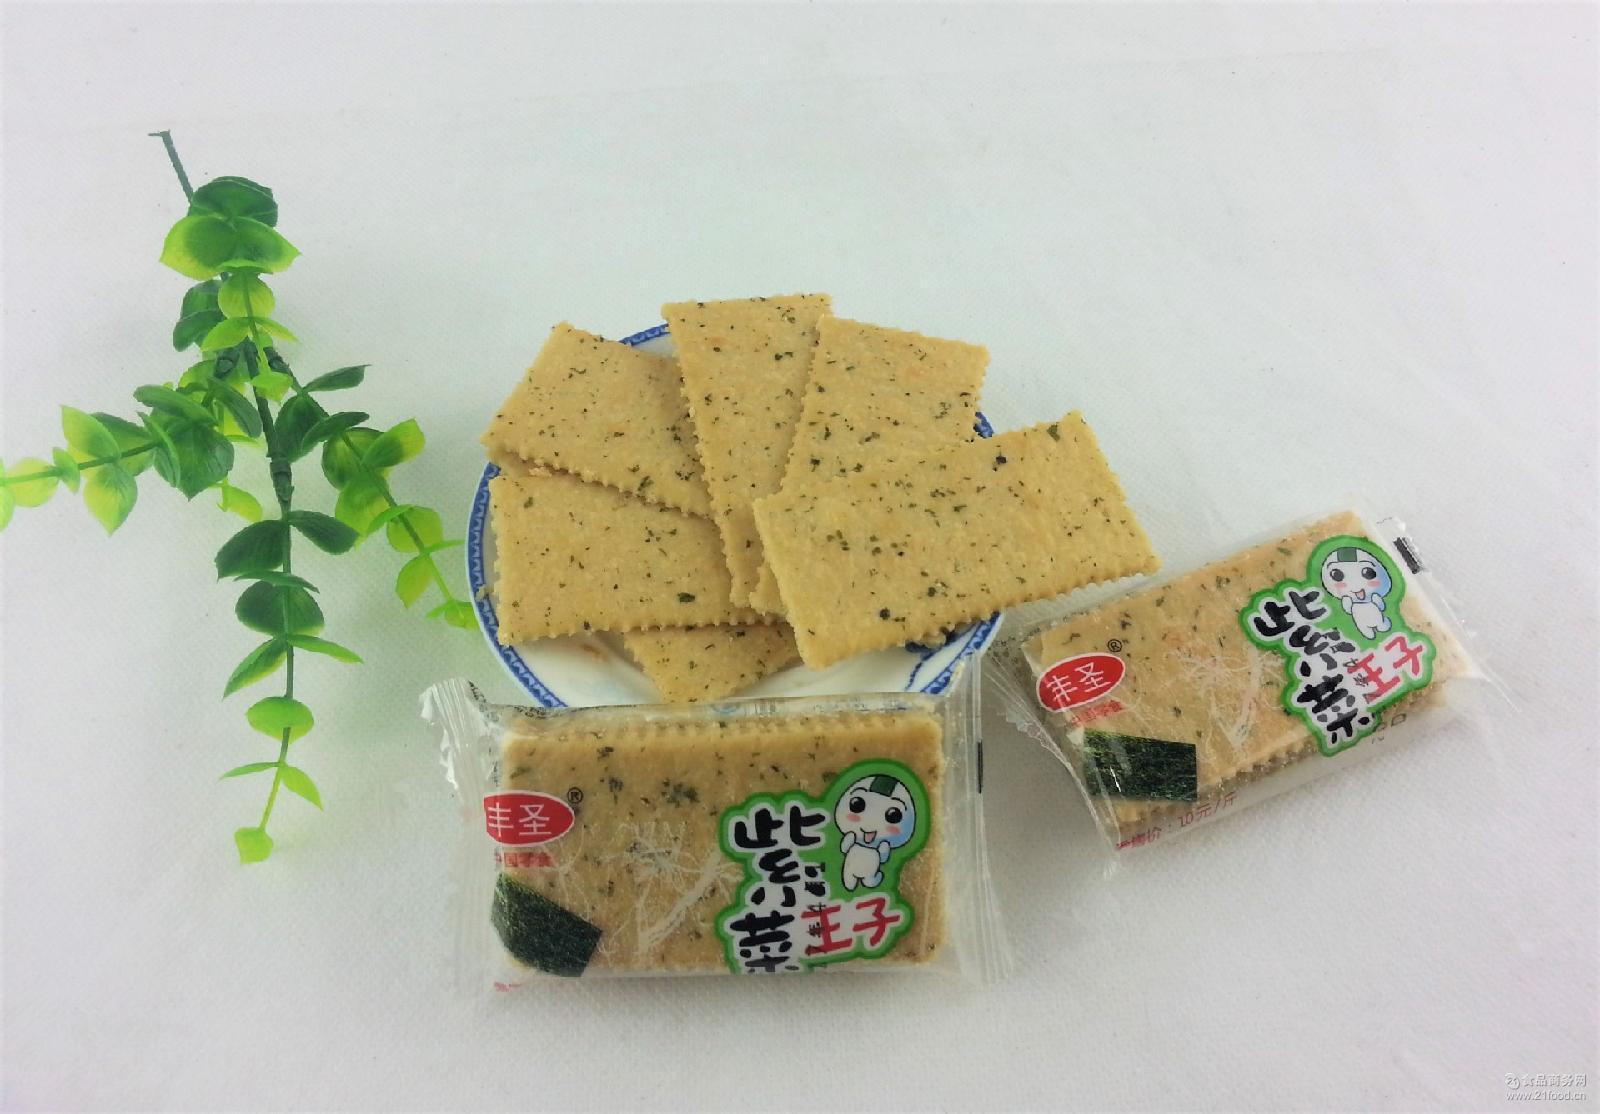 厂家直销韧性饼干紫菜饼干休闲零食 休闲饼干批发8.8斤一箱